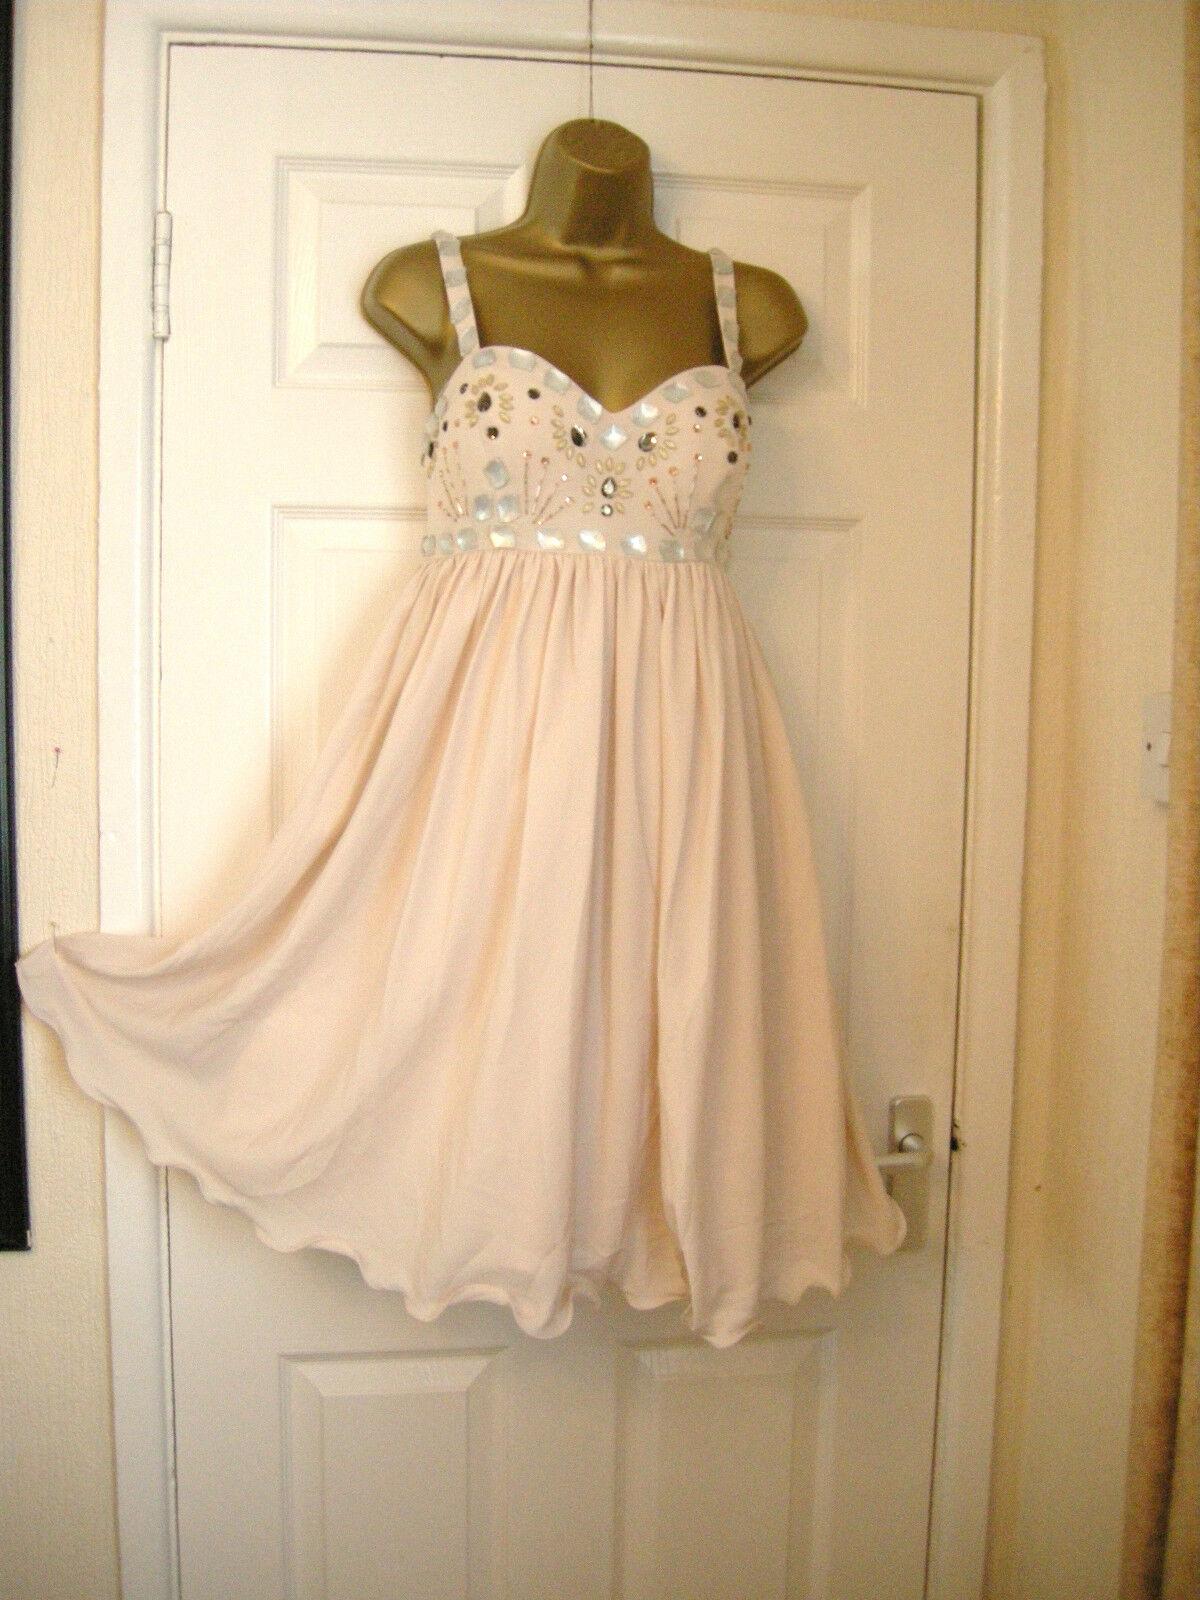 10 RARE OPULENCE BABYDOLL NUDE EMBELLISHED MINI DRESS PARTY WEDDING HOLIDAY